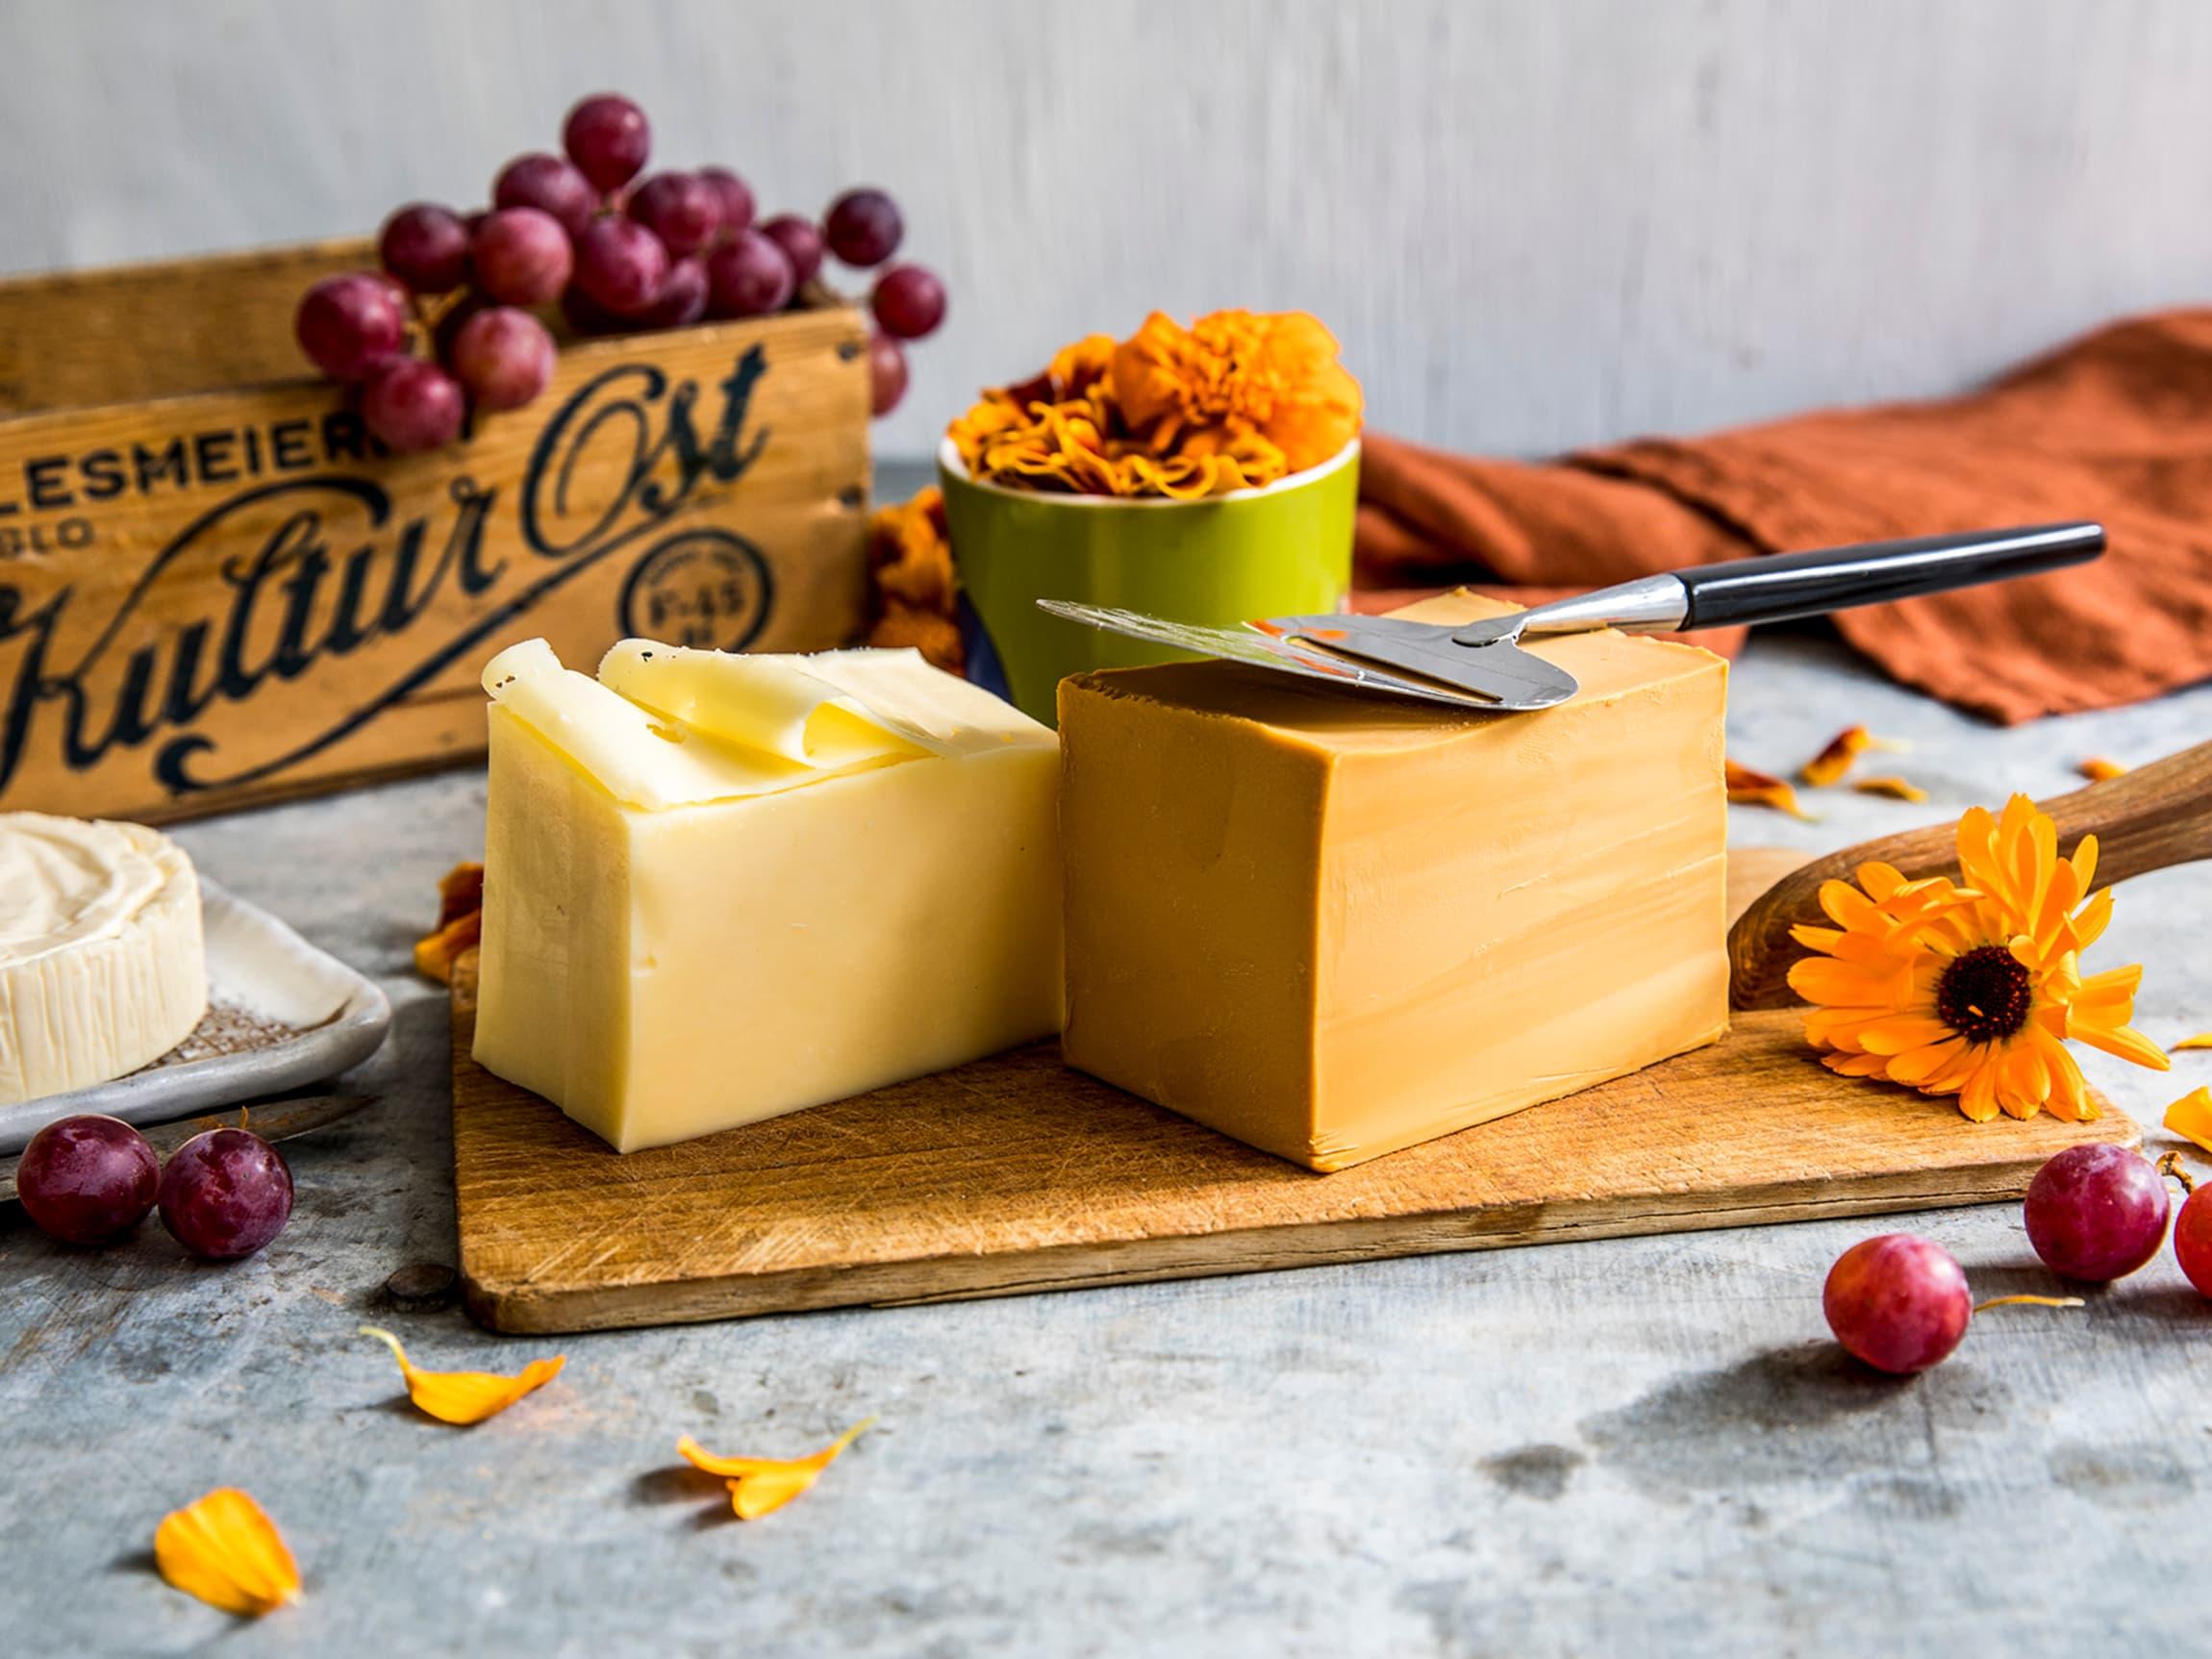 På 70-tallet var brunost og gulost de vanligste ostene, men Gammelost, ridderost, taffelost, nøkkelost og tilsiter var også på norske brødskiver.